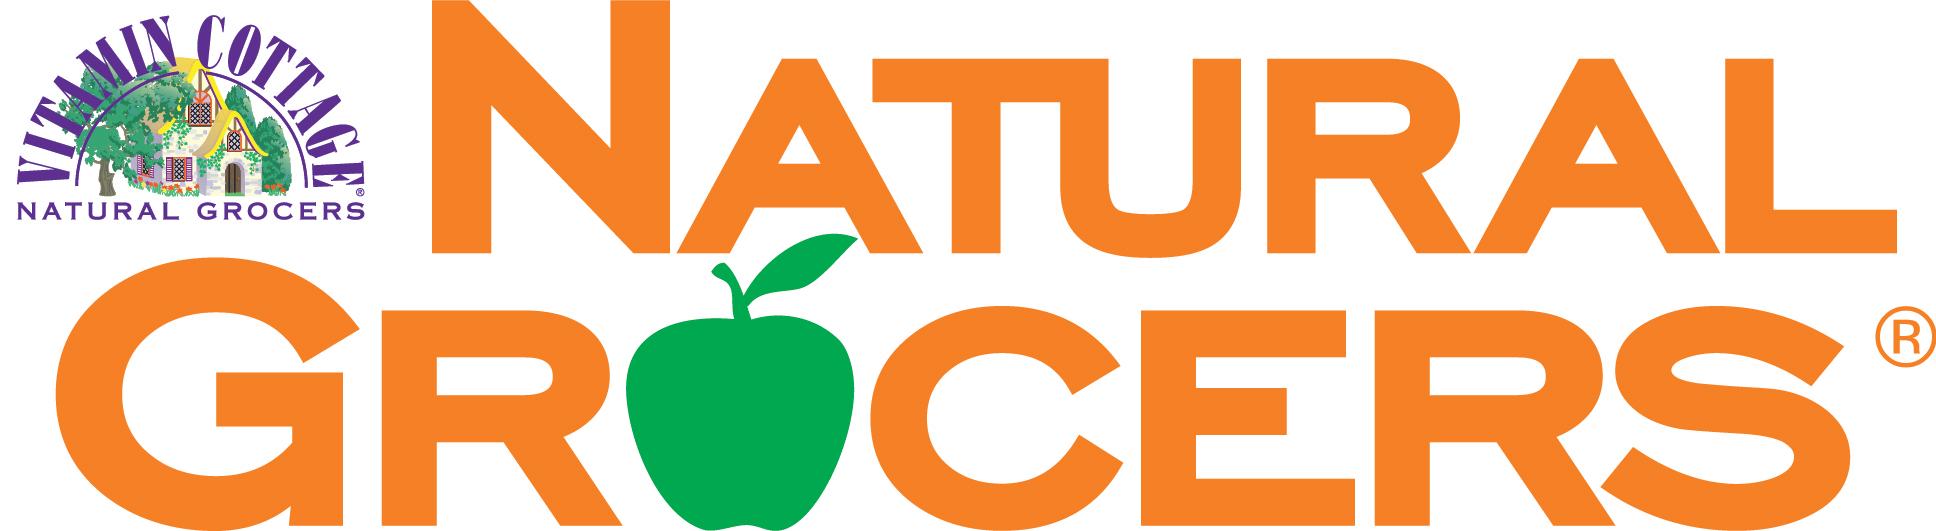 Natural Grocers Logo Natural Grocers Dedicated